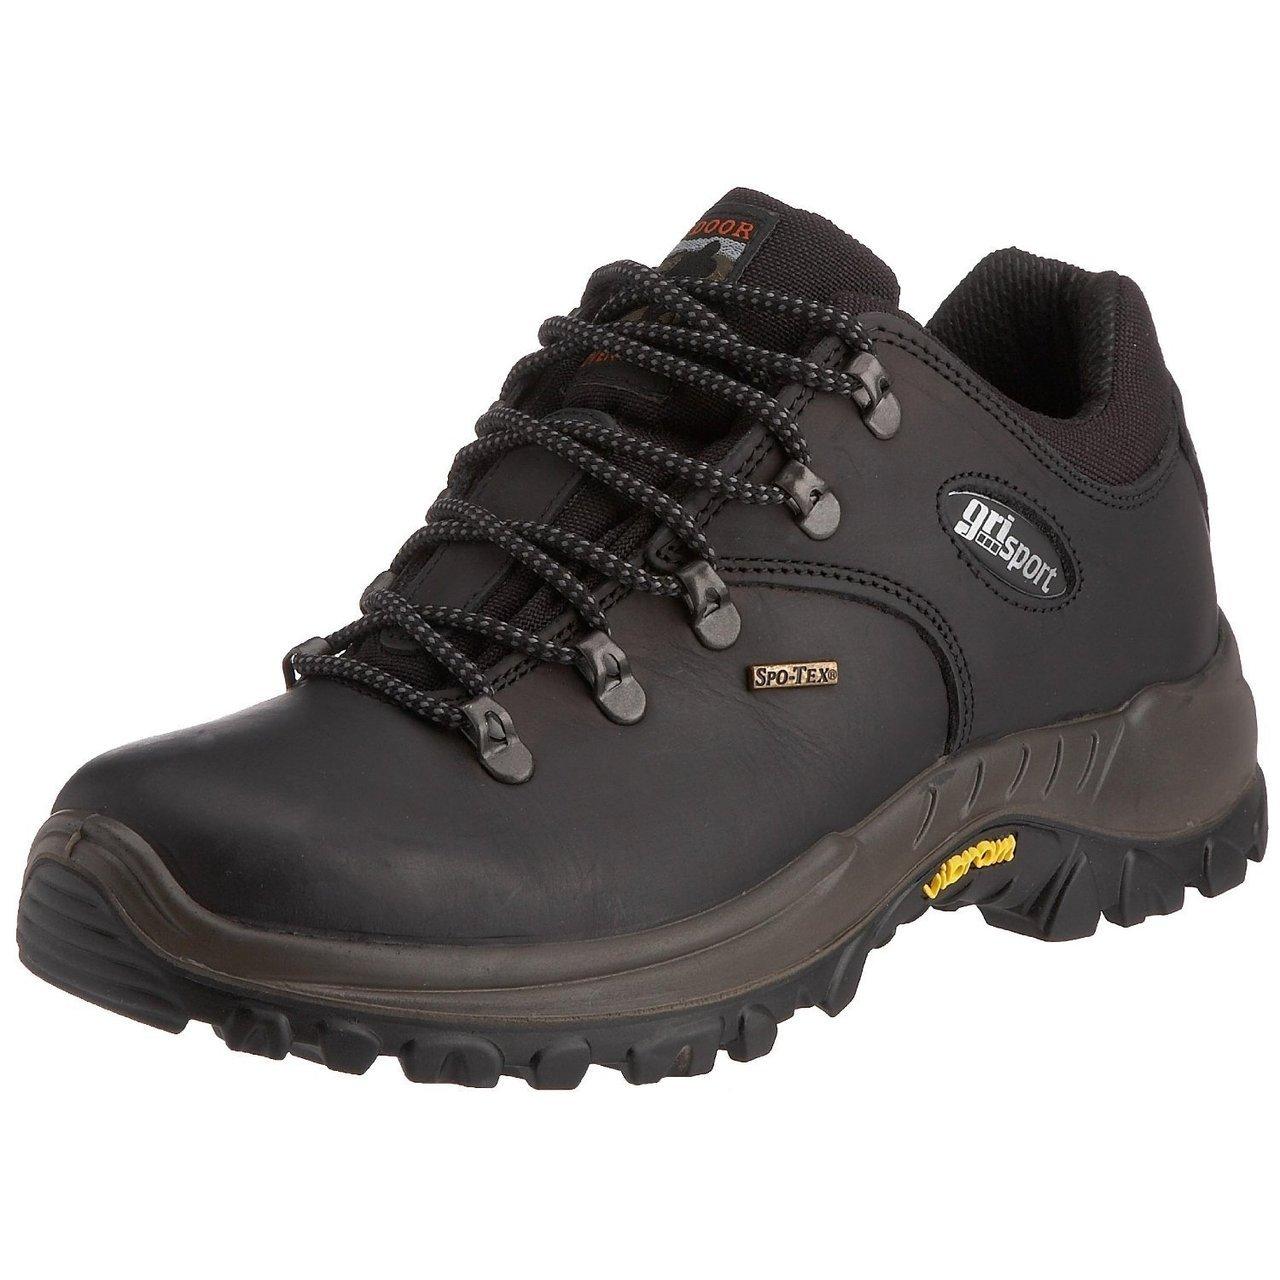 Grisport Dartmoor Shoe